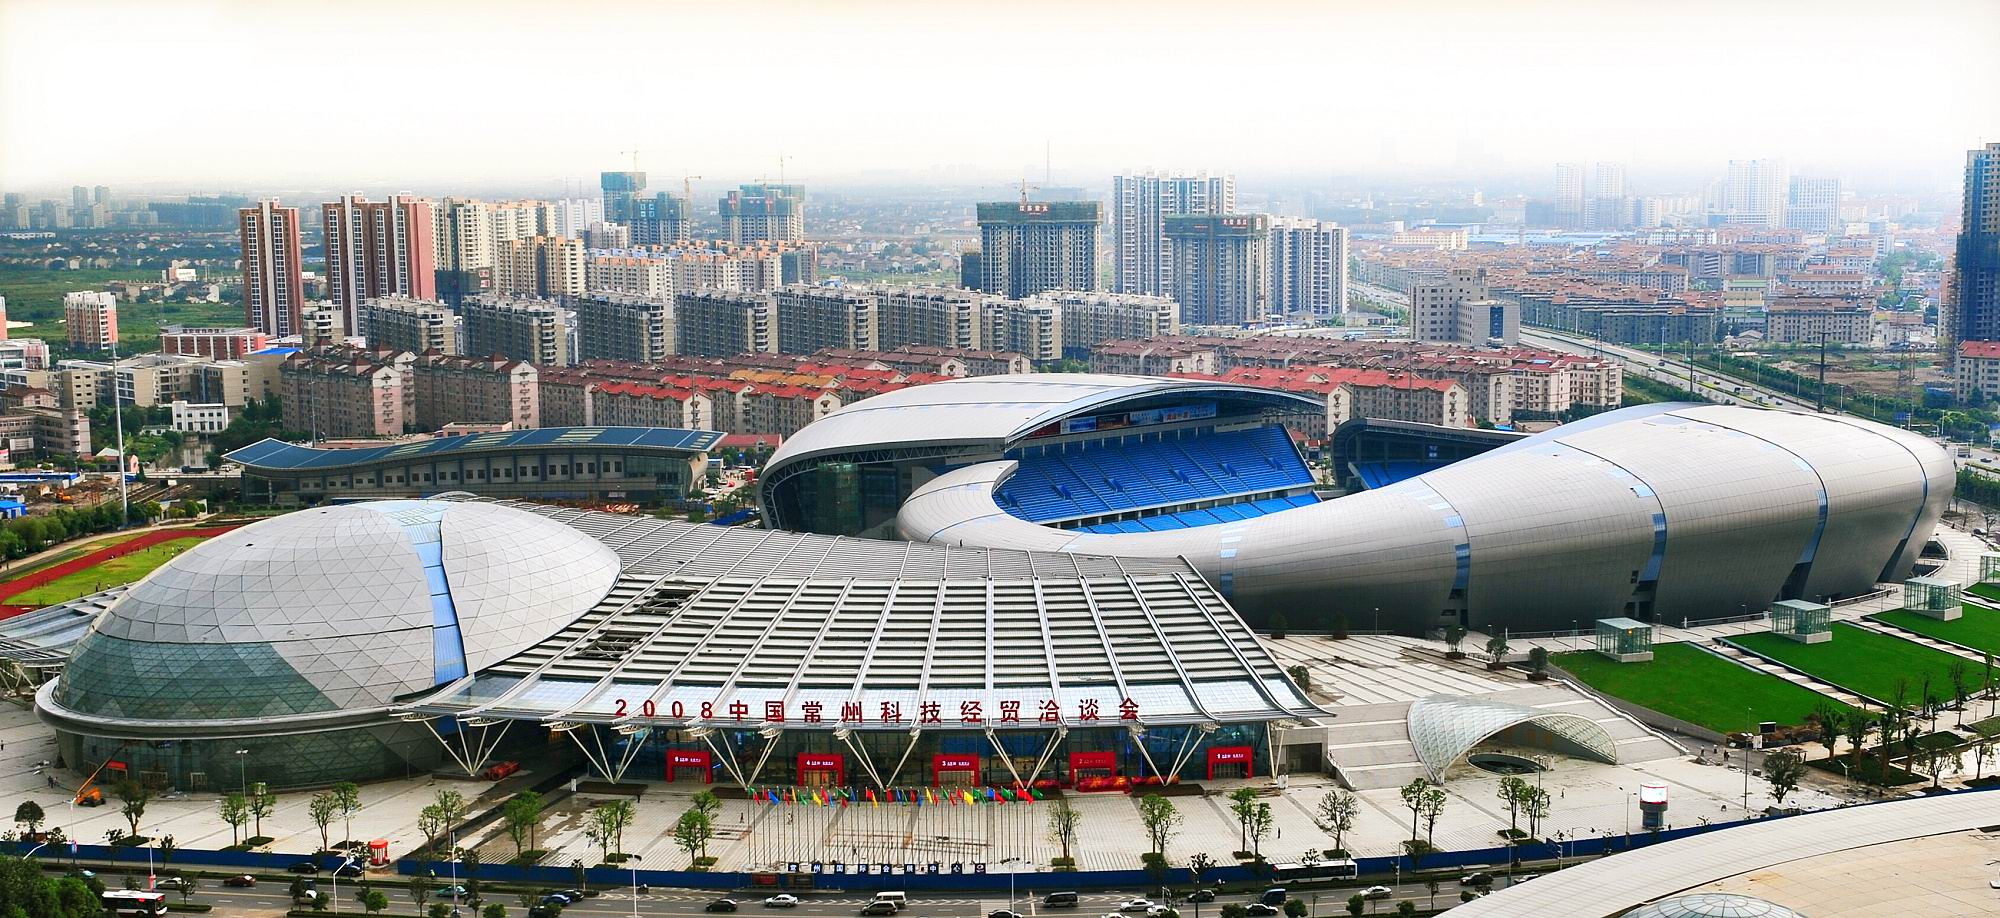 Changzhou China  City pictures : Changzhou Olympic Stadium | Teaching ESL in ChangZhou, Jiangsu, China